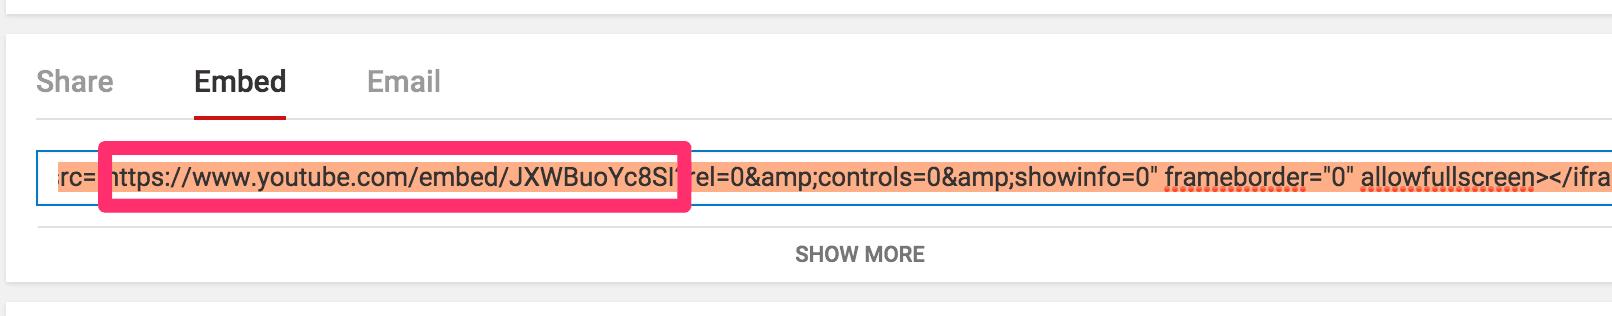 embed URL Schema